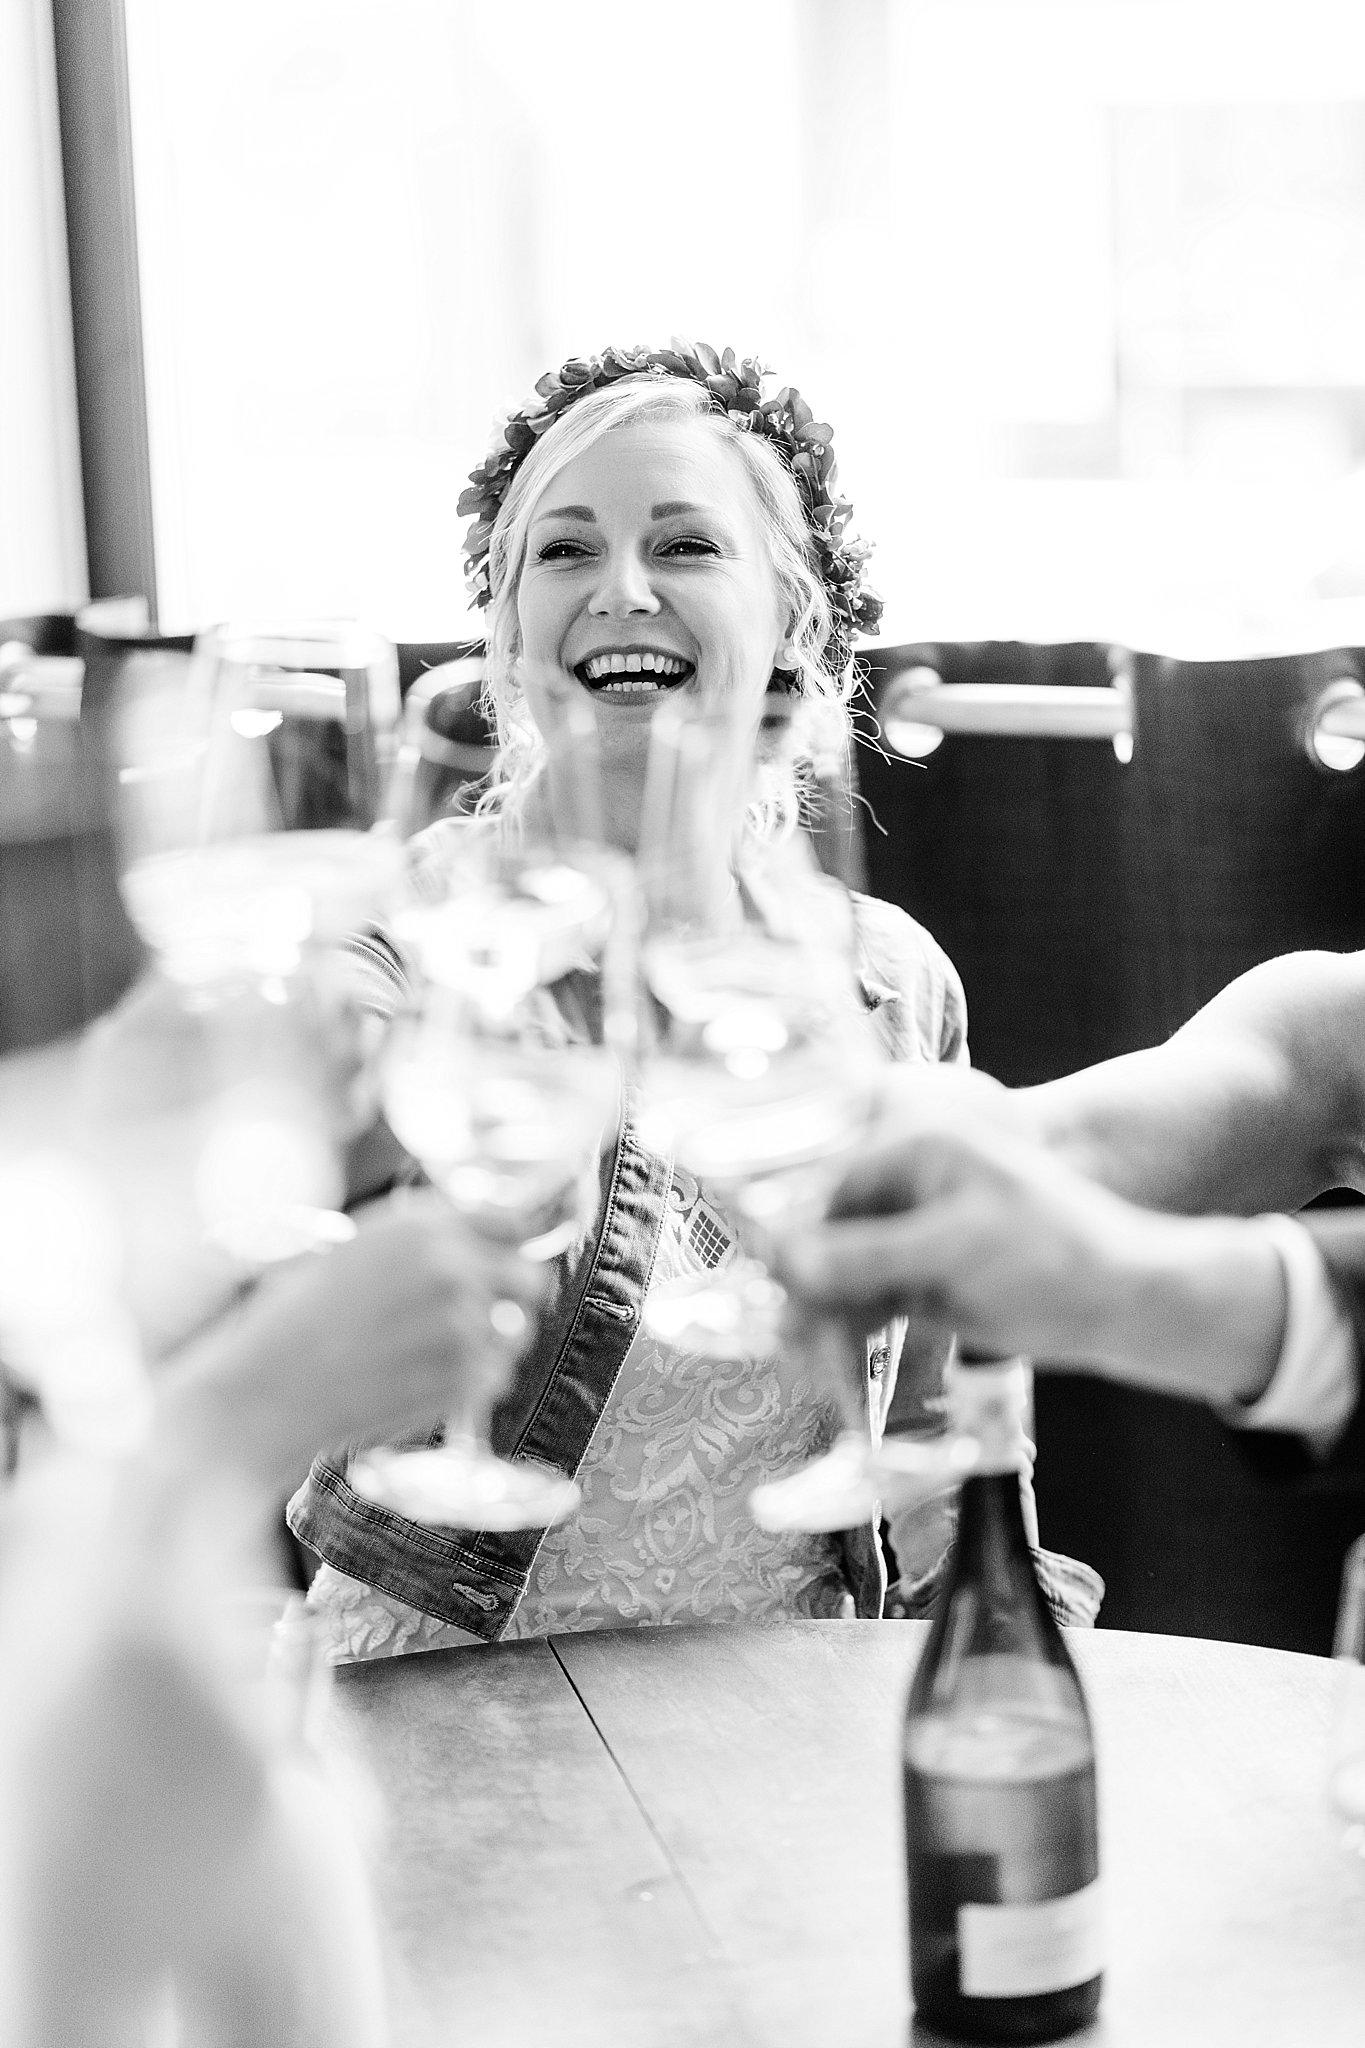 Hochzeit-von-Marina-Dominik-auf-Burg-Wernberg-und-Schloss-Friedrichsburg-00120